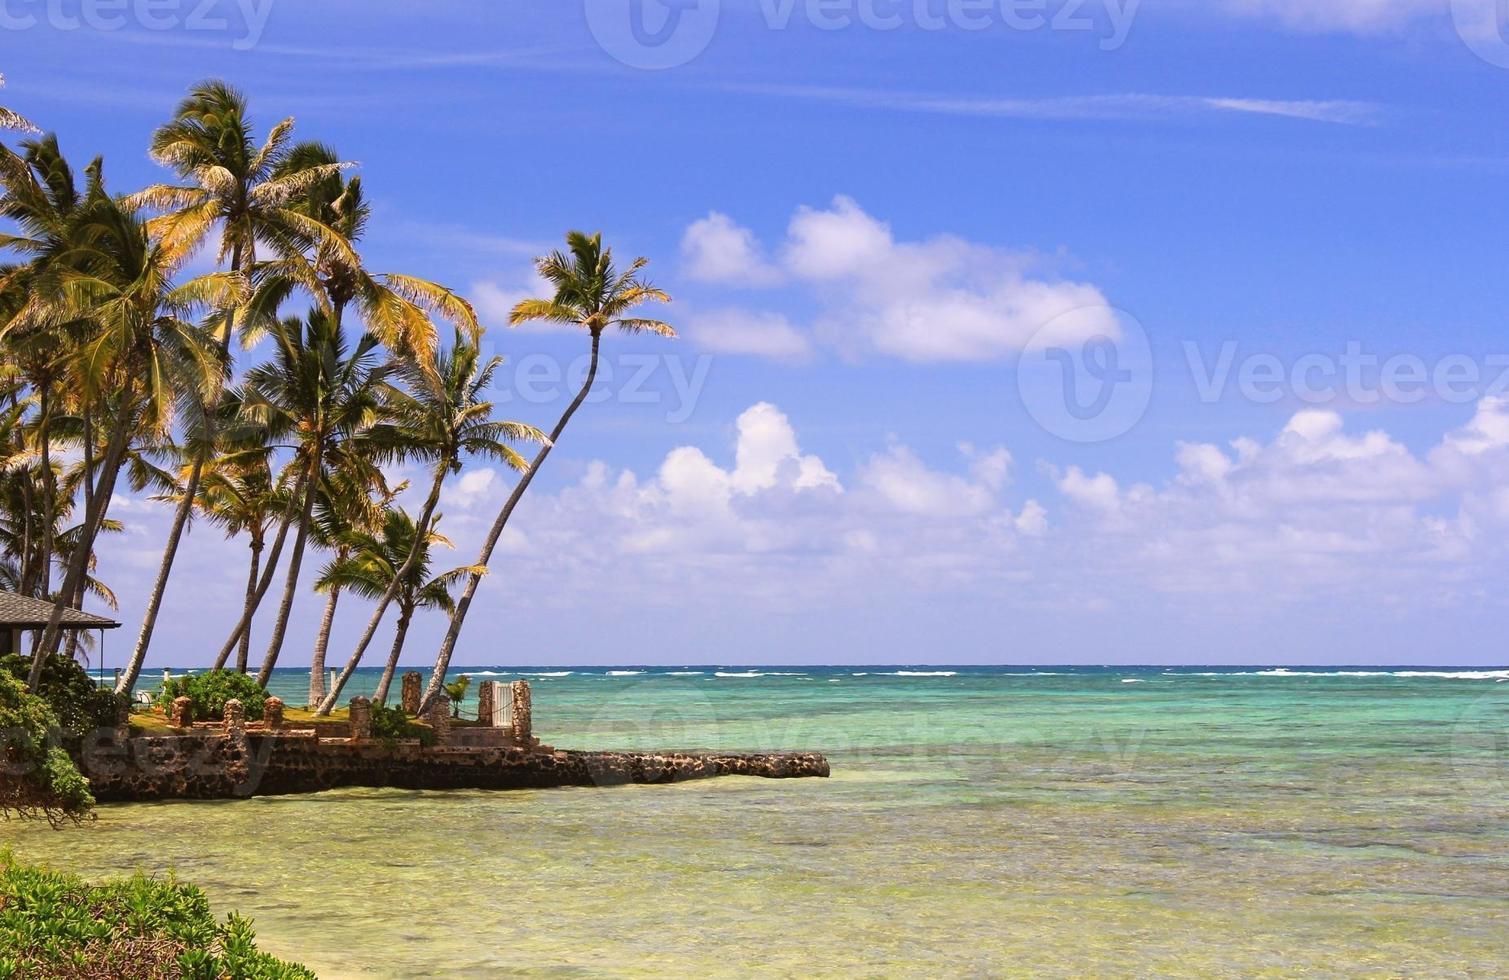 oahu havaí oceano pacífico palmeira praia cênico foto